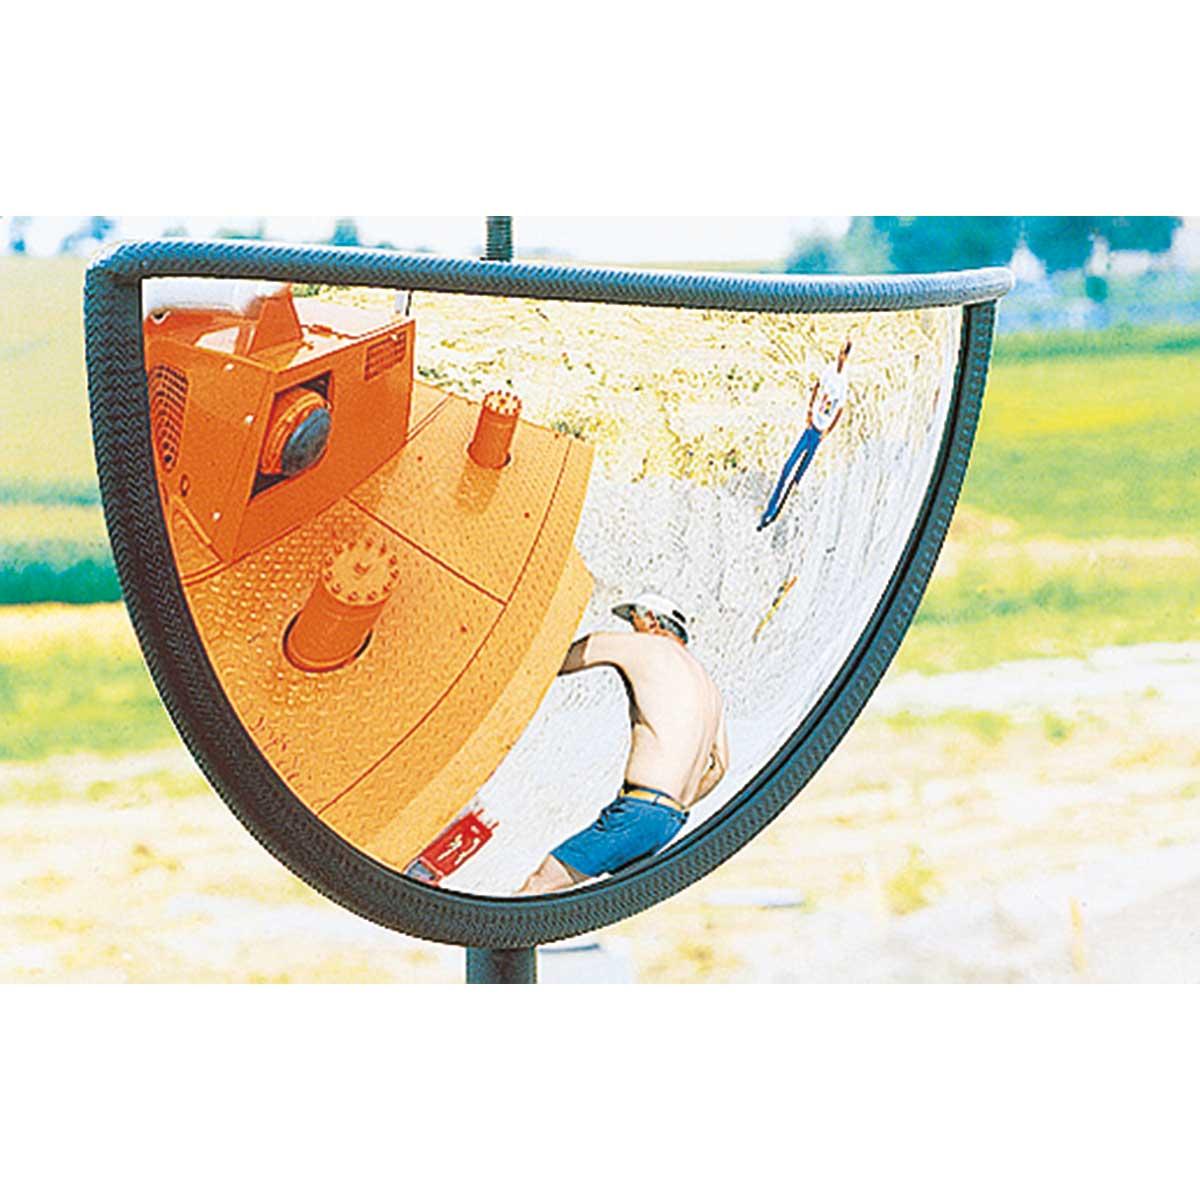 Espejos convexos para carretillas y otras máquinas pesadas.